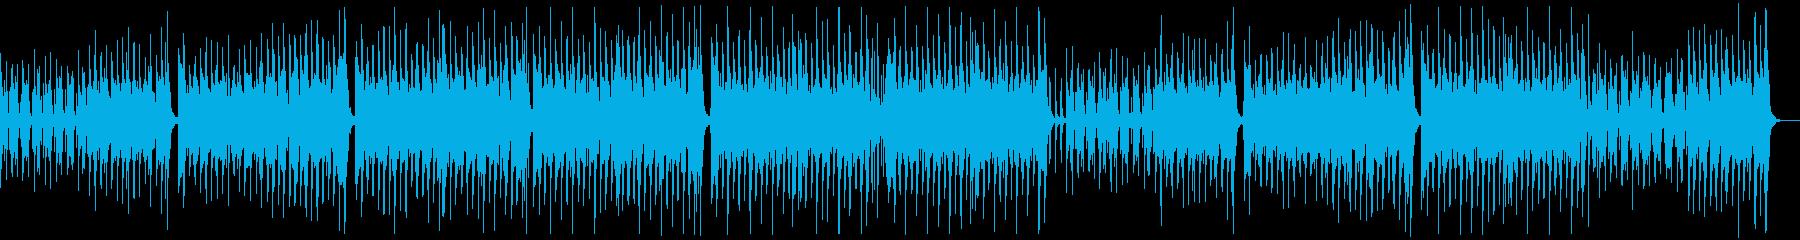 のんびり楽しいレゲエポップ:ギターピアノの再生済みの波形